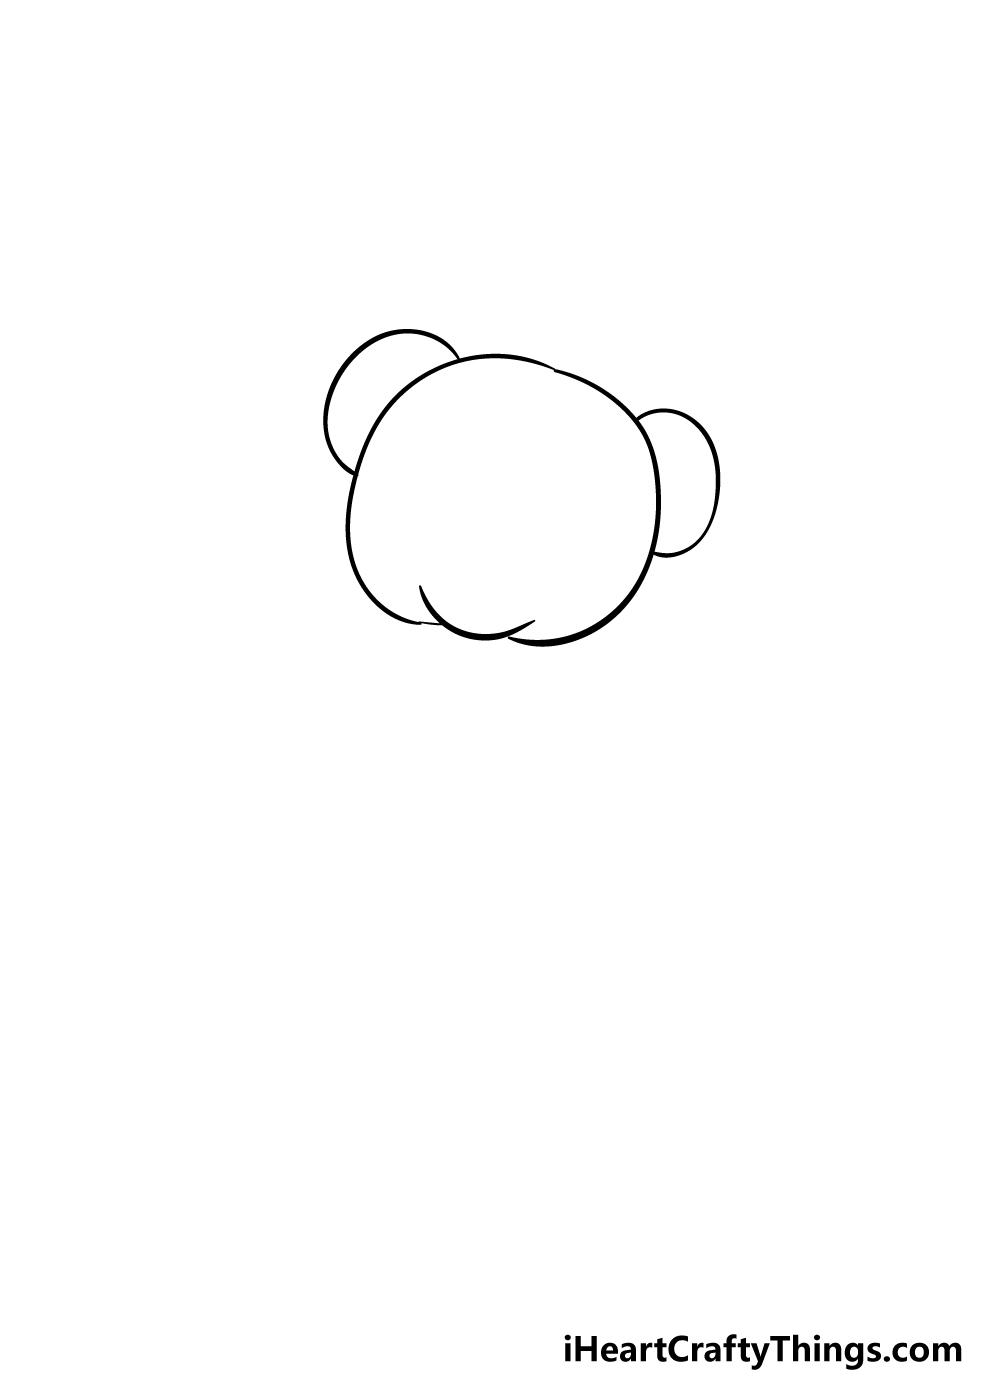 teddy bear drawing step 2